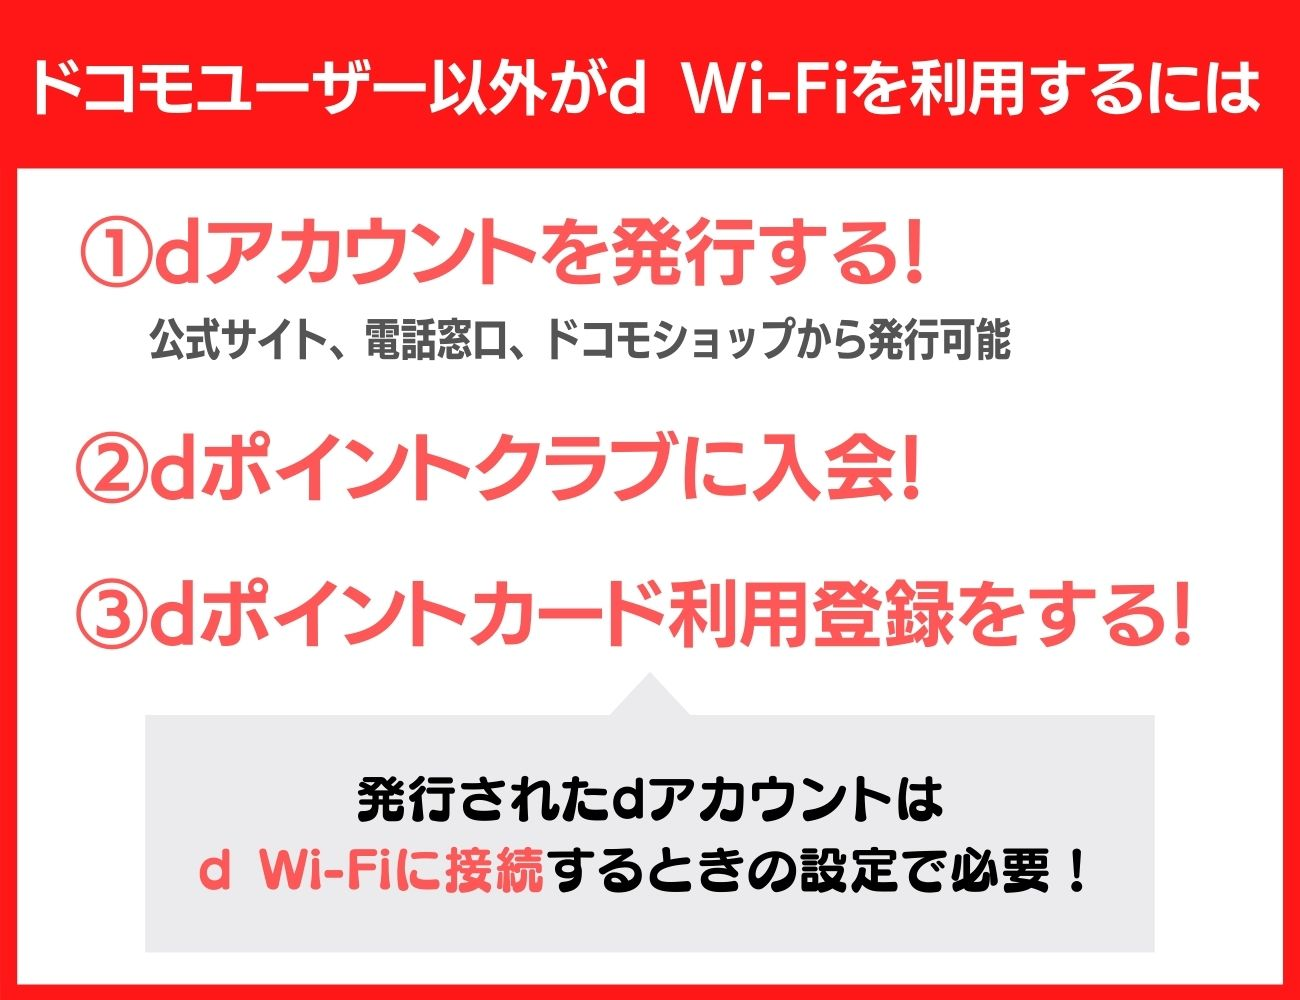 d Wi-Fiの登録方法|dポイントクラブの会員なら誰でも使える!